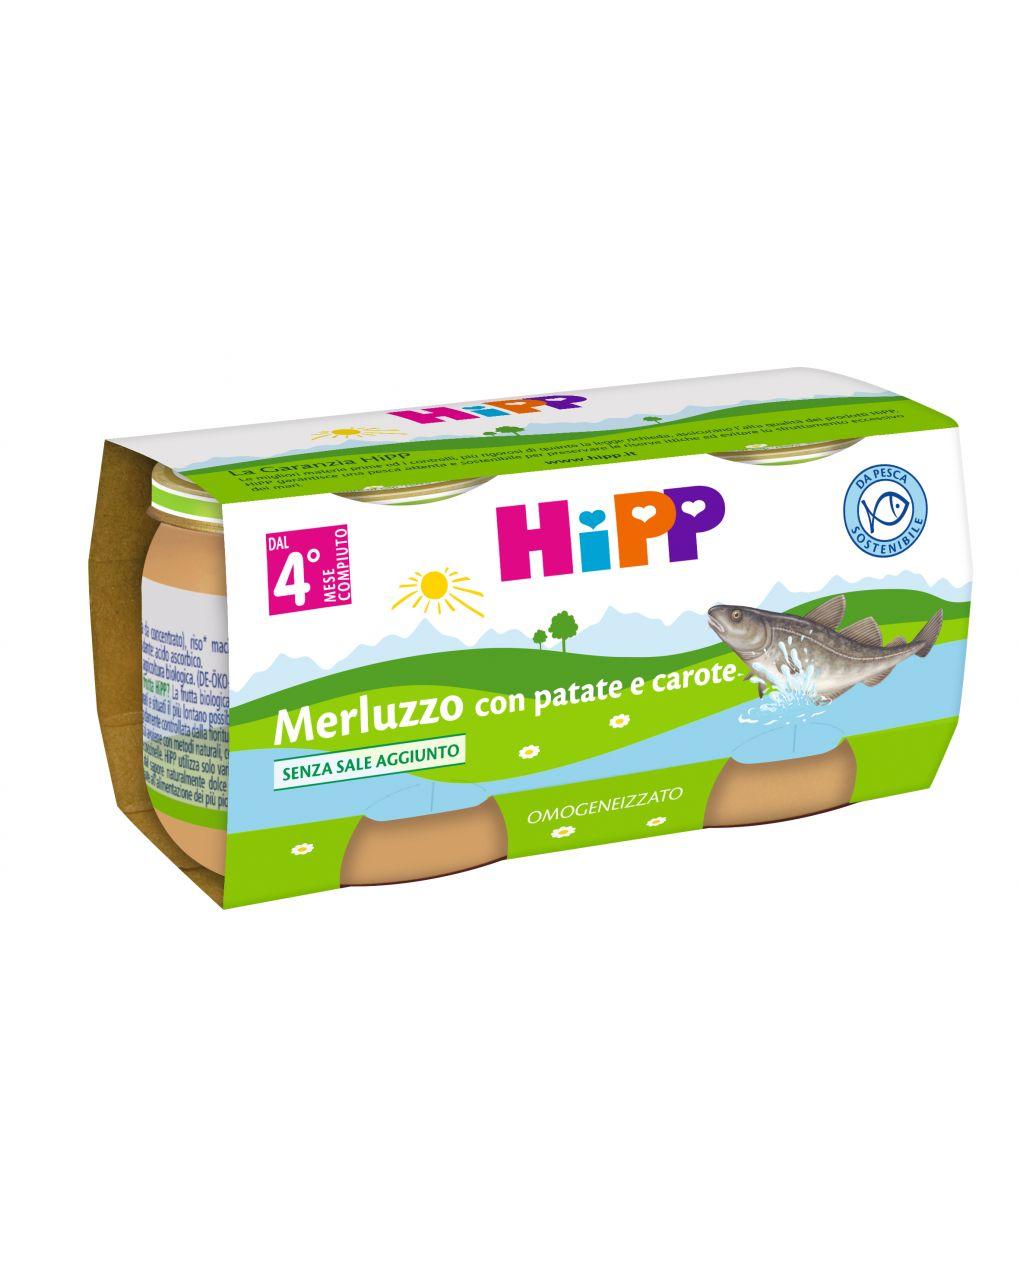 Hipp - omogeneizzato merluzzo con patate e carote 2x80g - Hipp